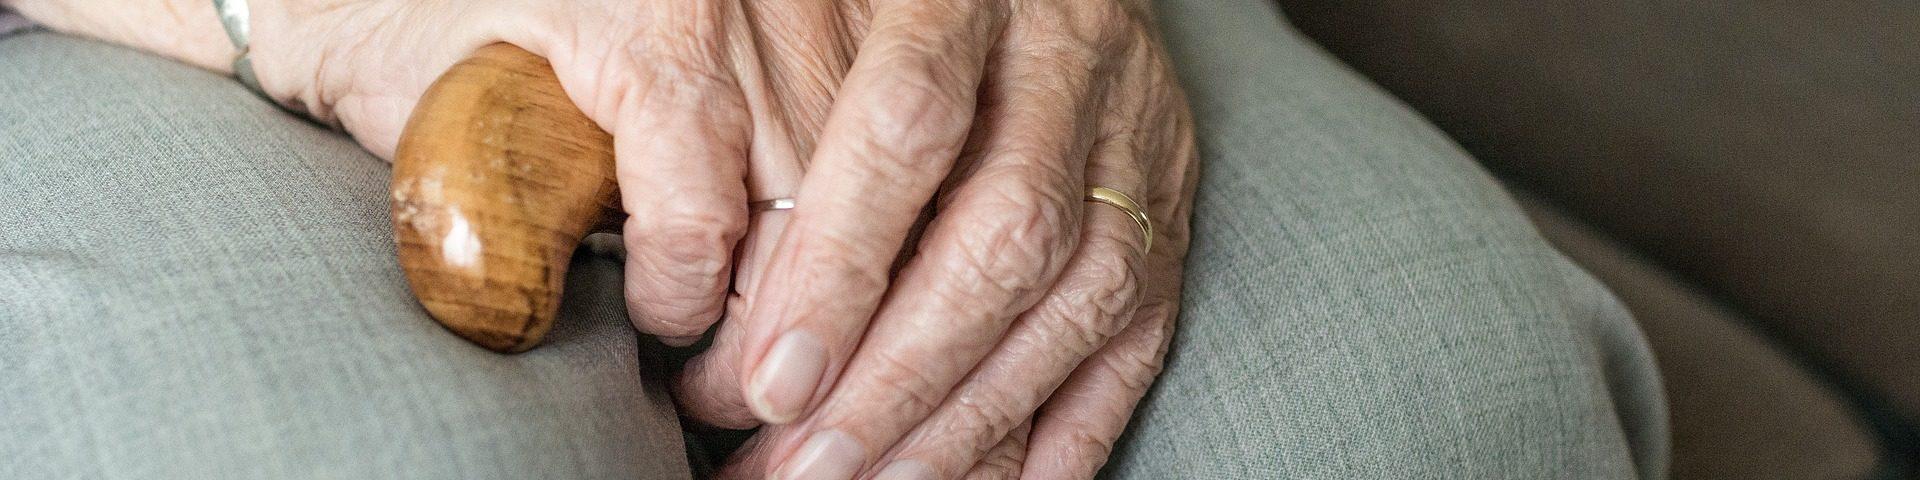 Hand 3666963 1920